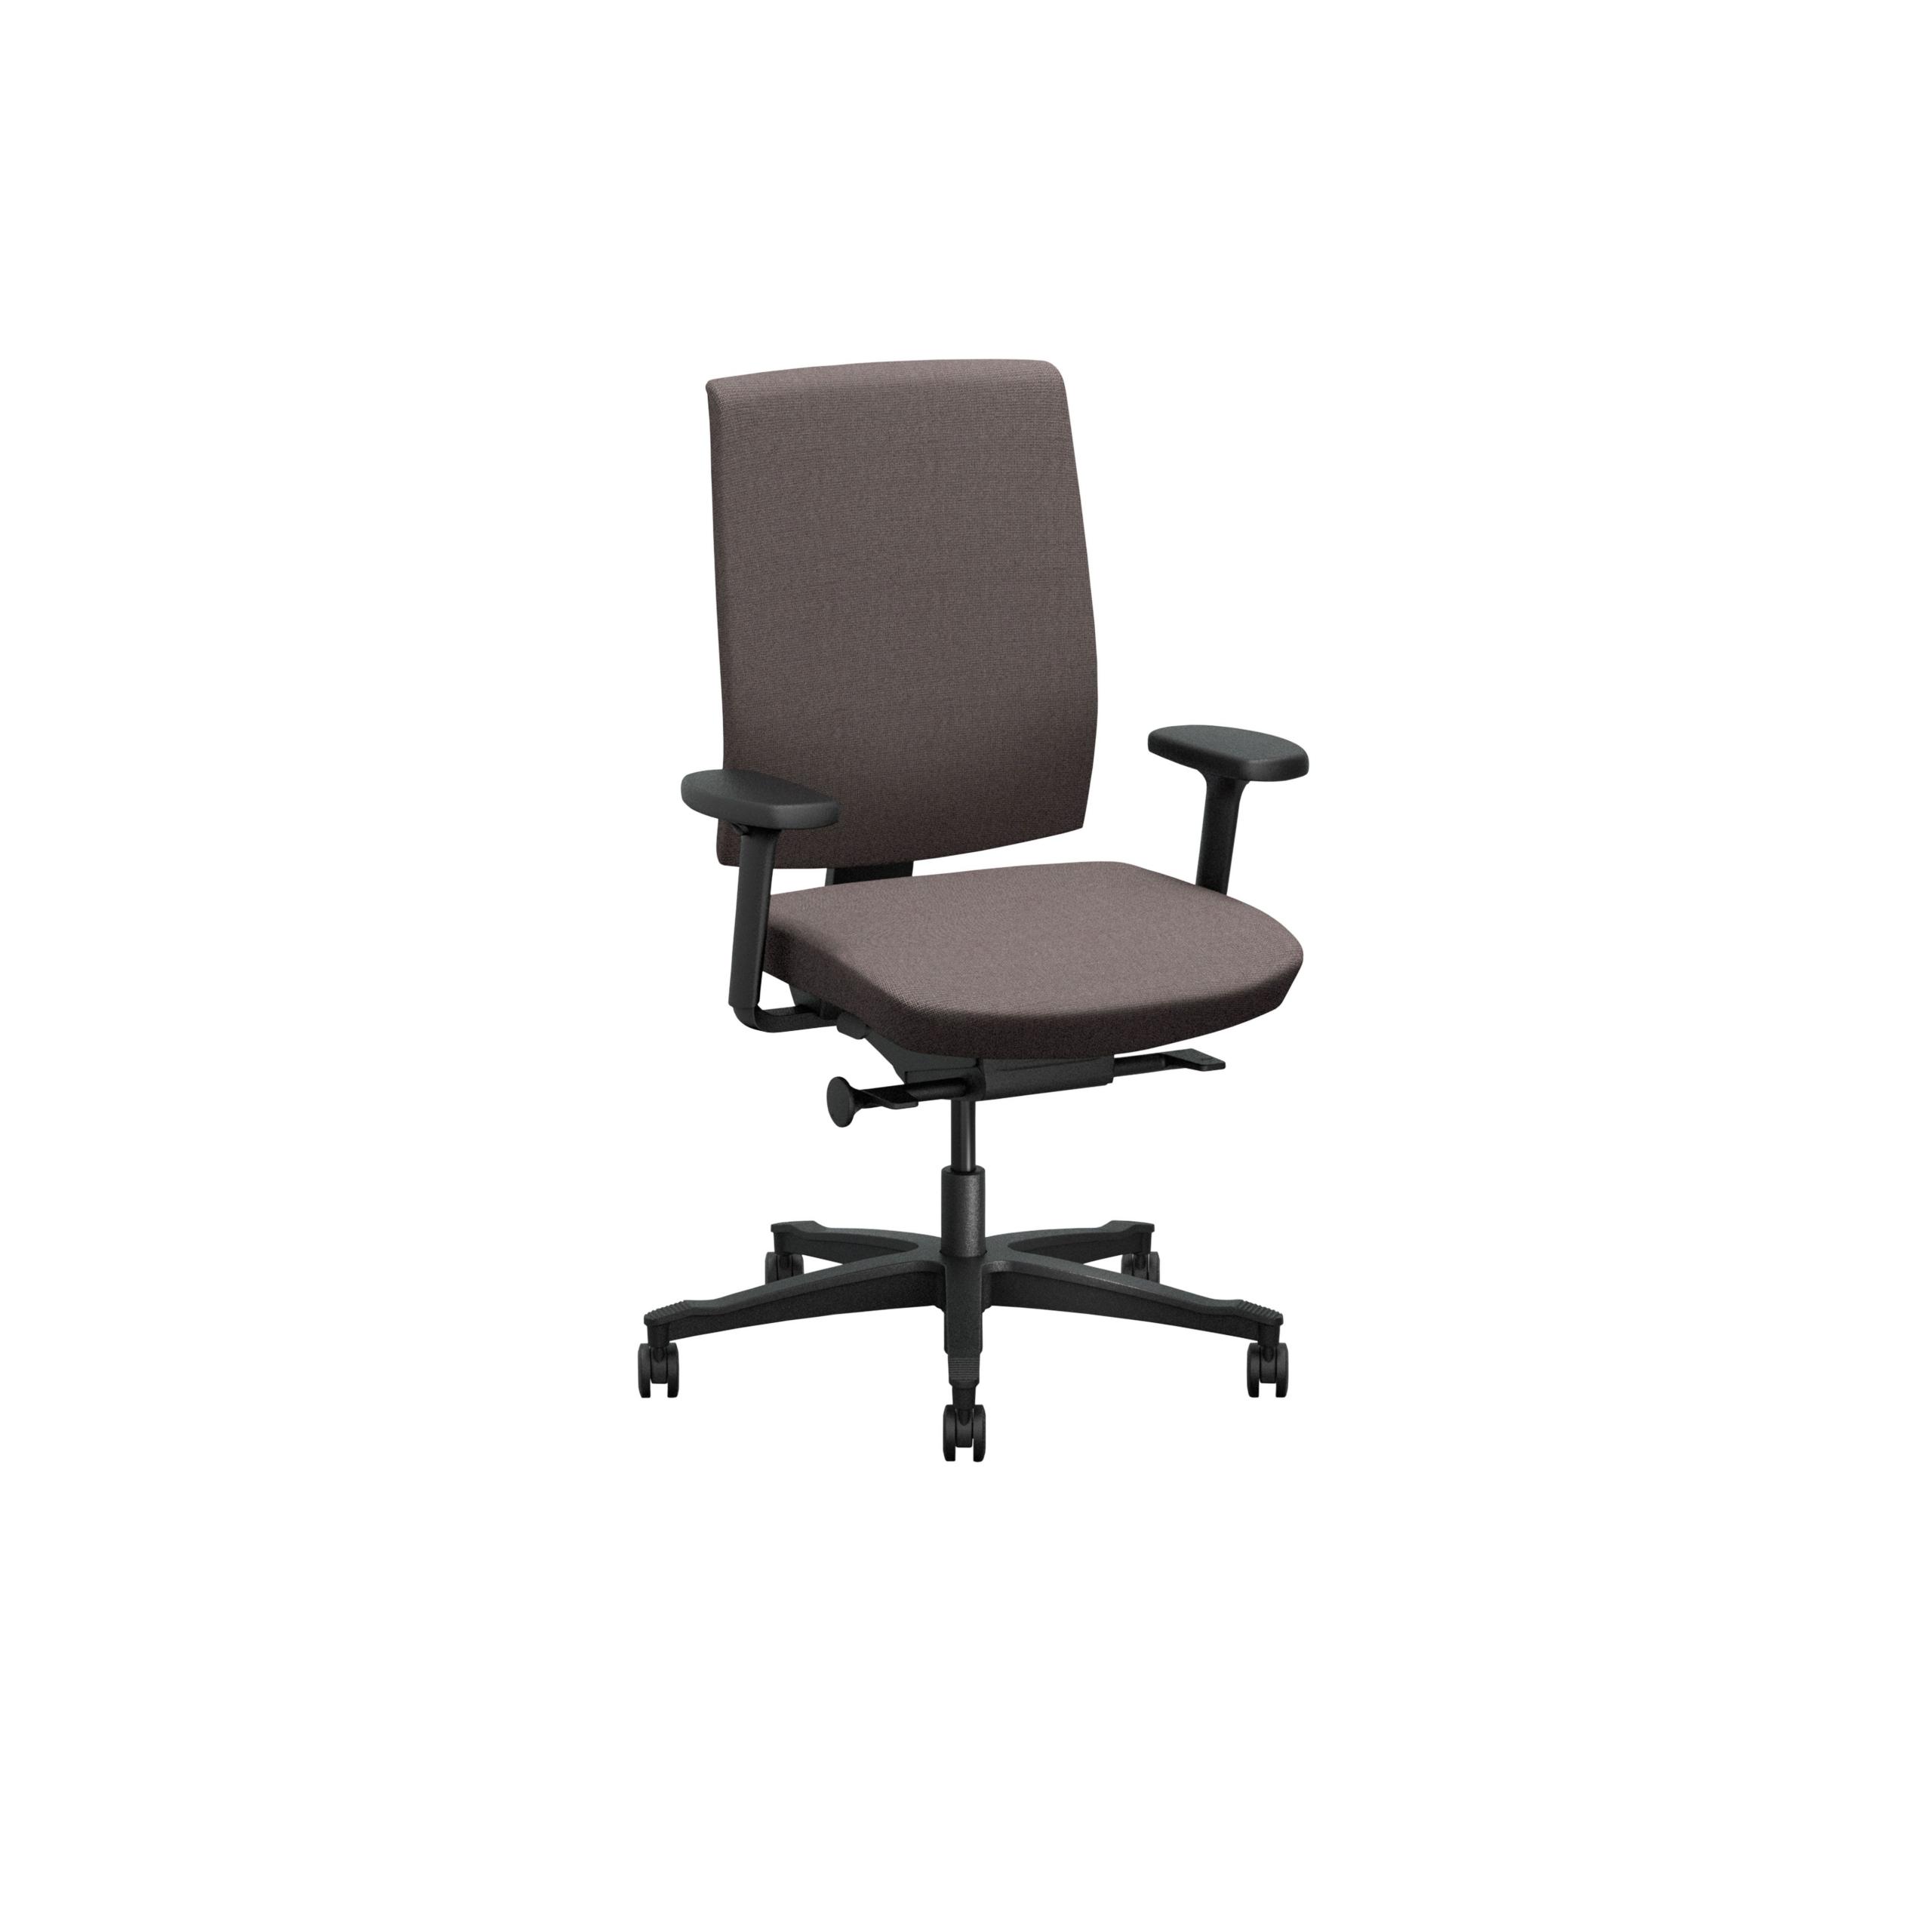 One Kontorsstol med klädd rygg produktbild 4